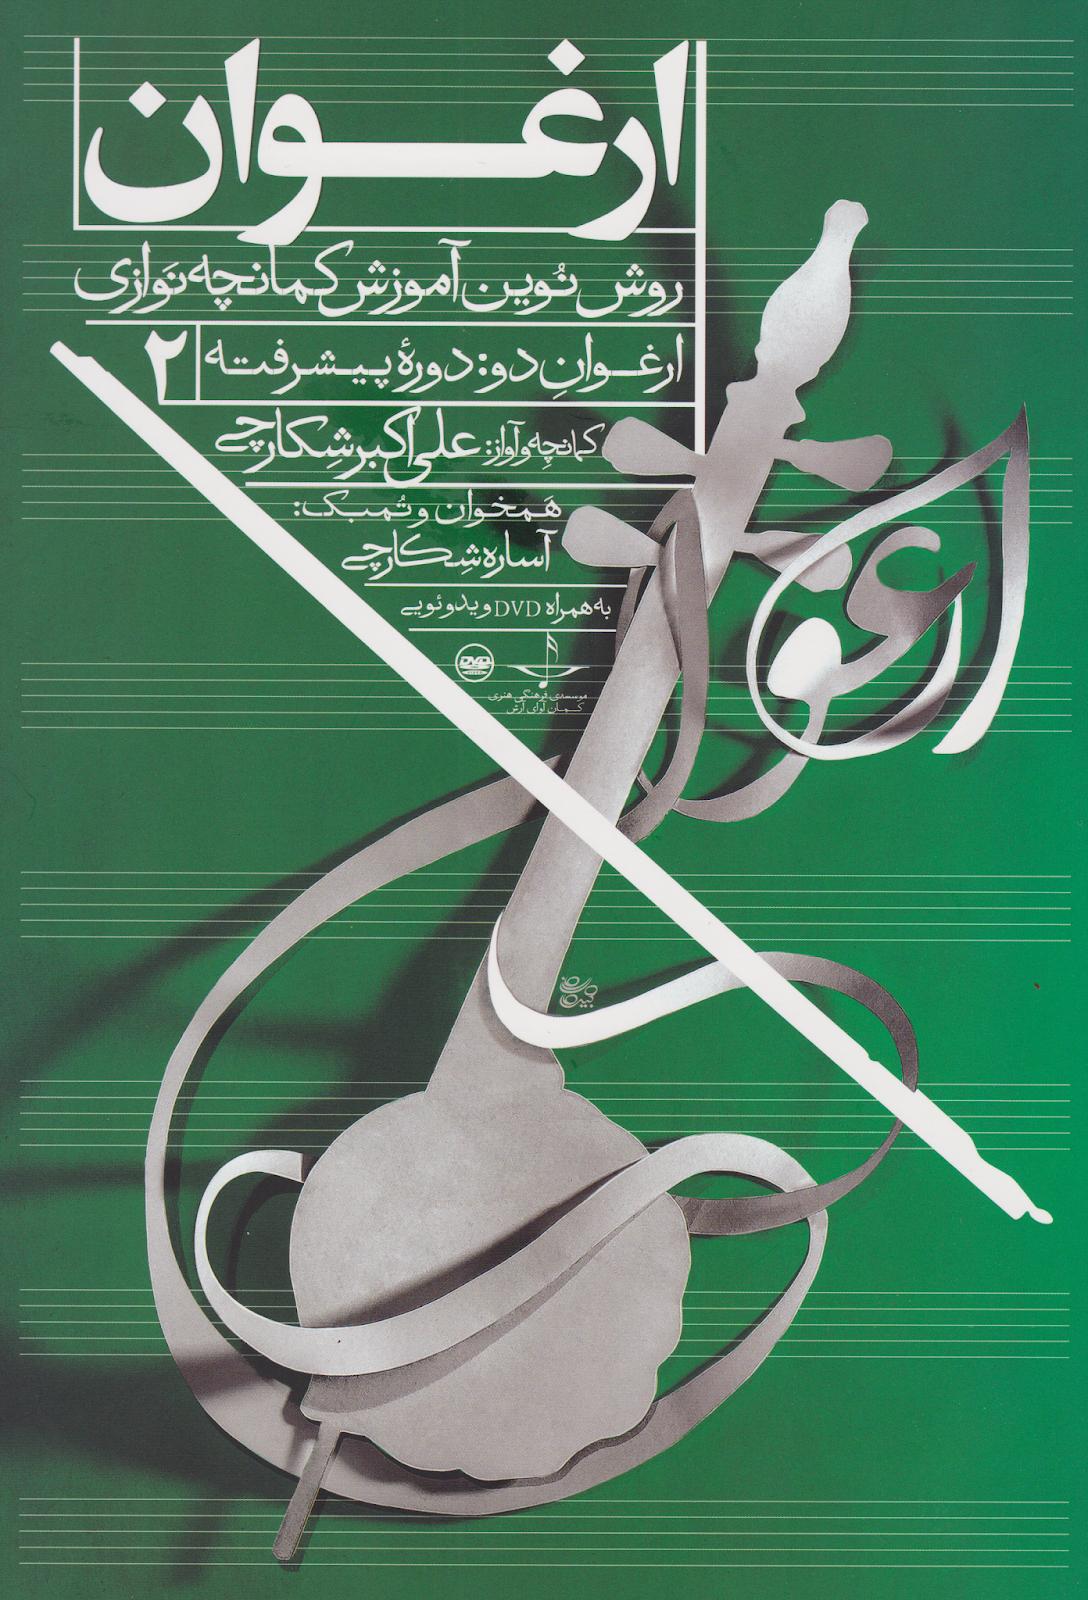 کتاب دوم ارغوان علیاکبر شکارچی انتشارات کمان آوای آرش